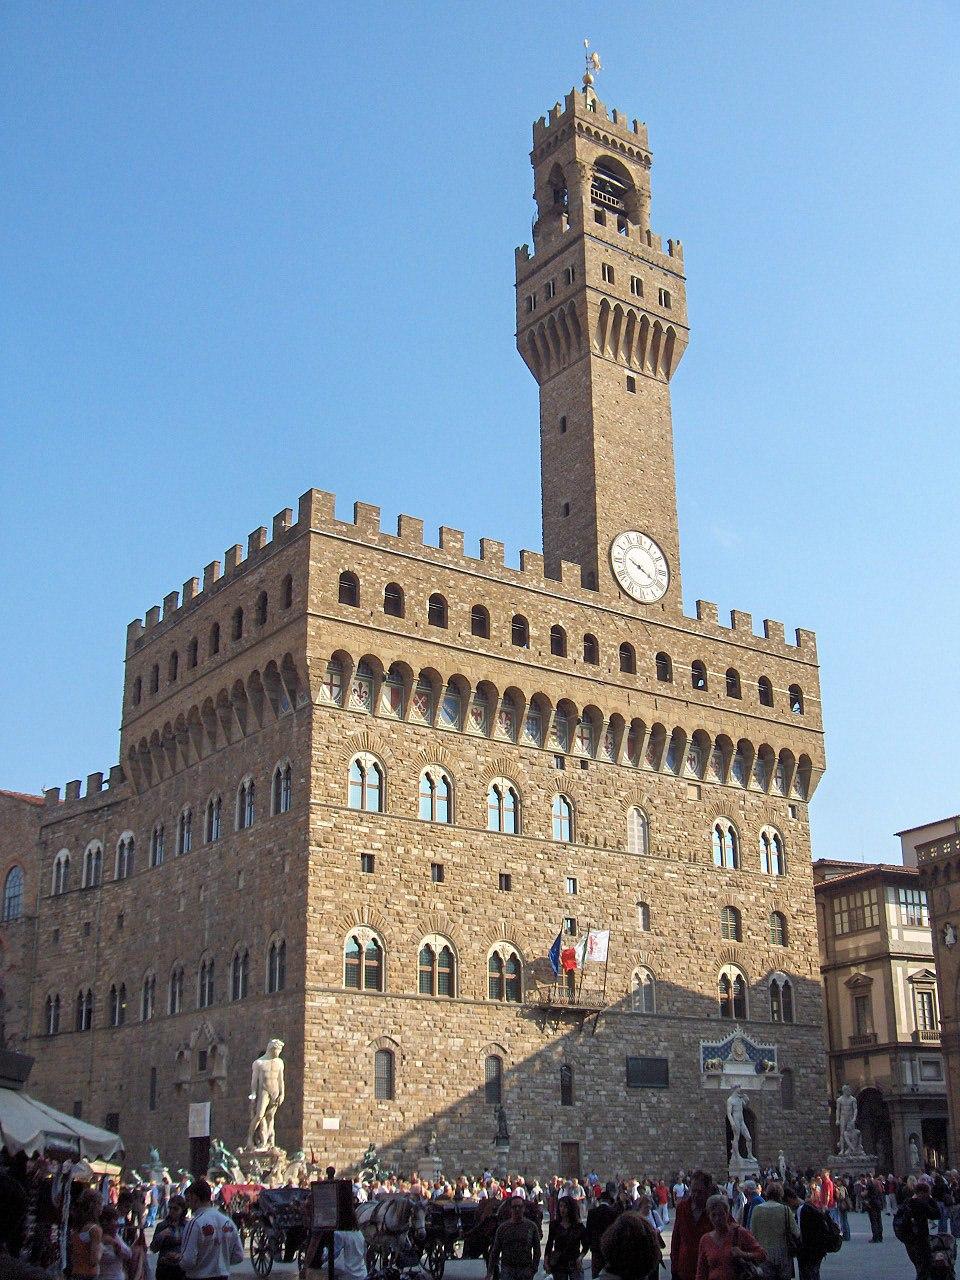 Firenze Palazzo della Signoria, better known as the Palazzo Vecchio